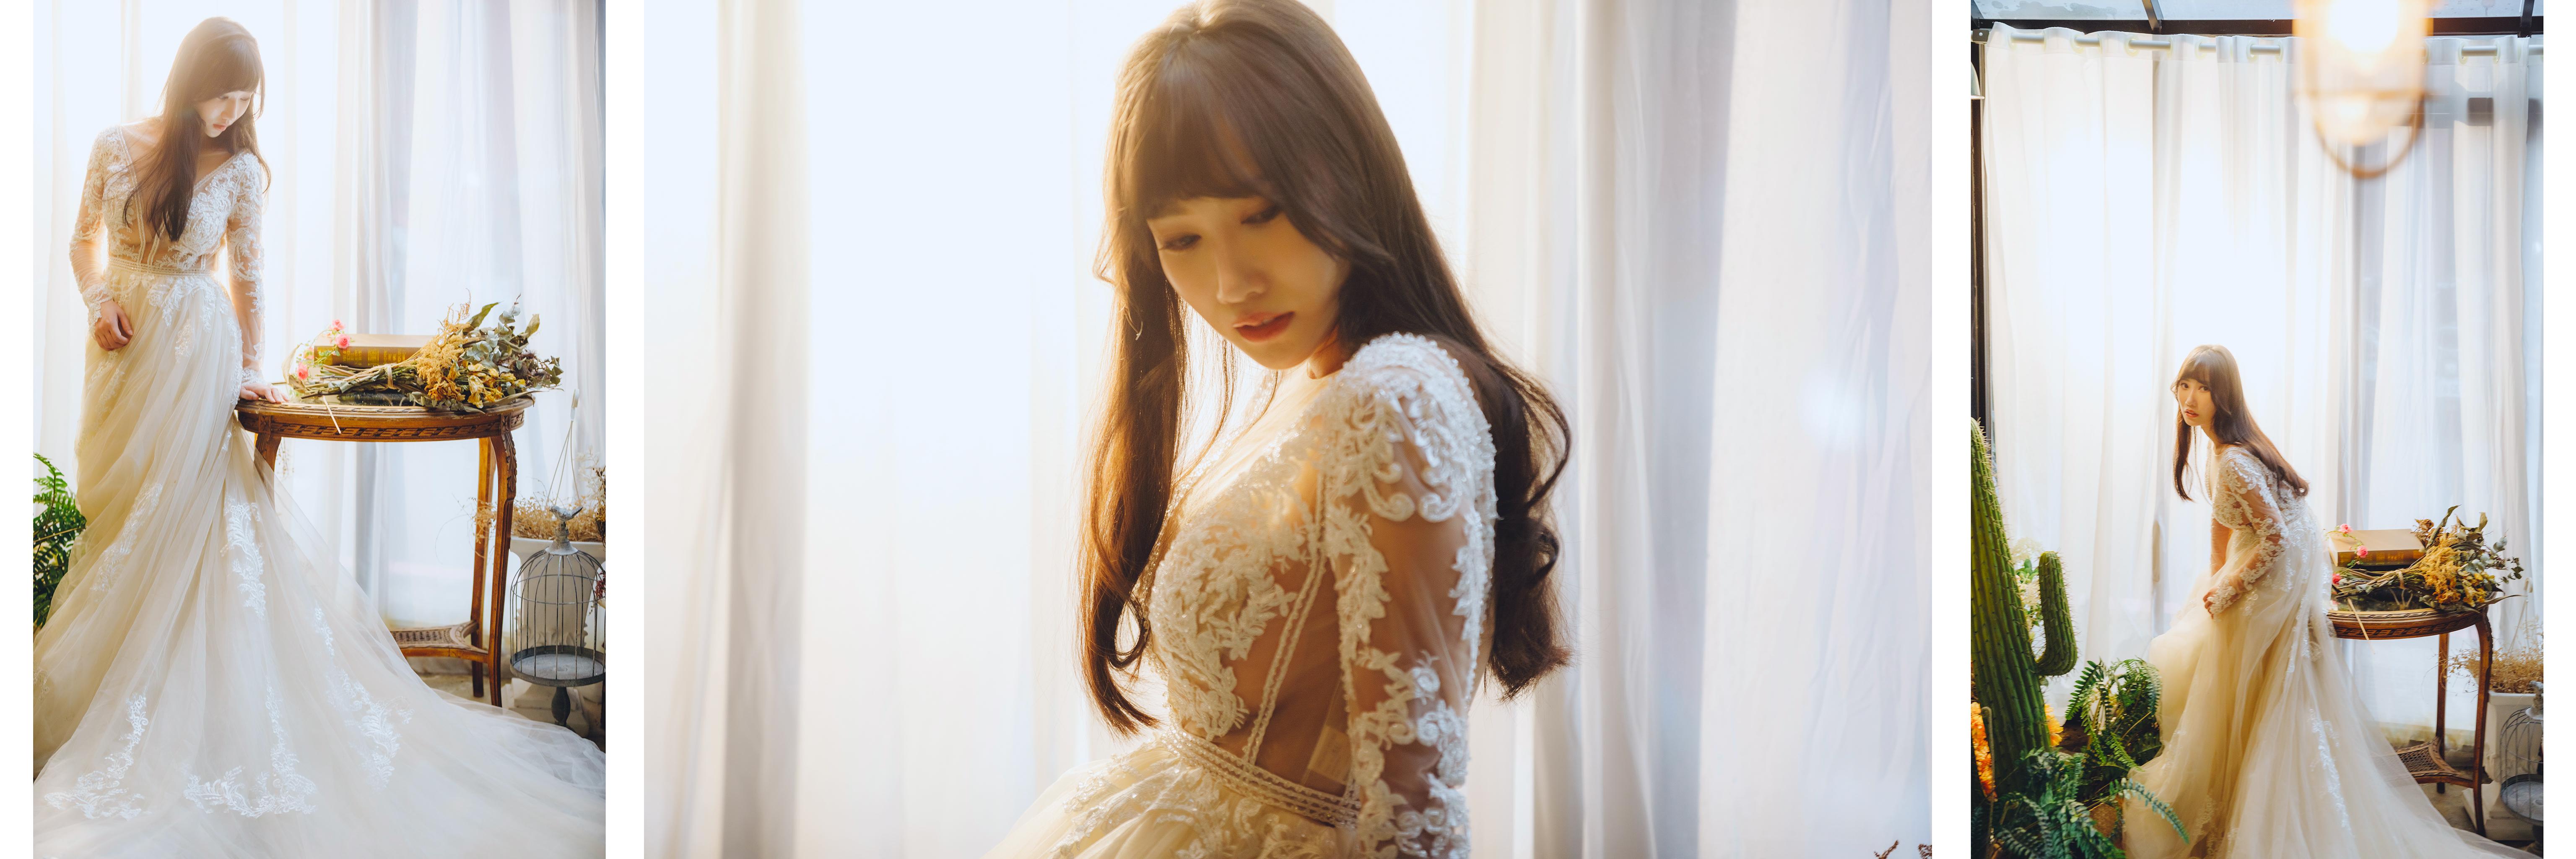 48838083196 ca03008a9c o - 【自主婚紗】+Yoyo+